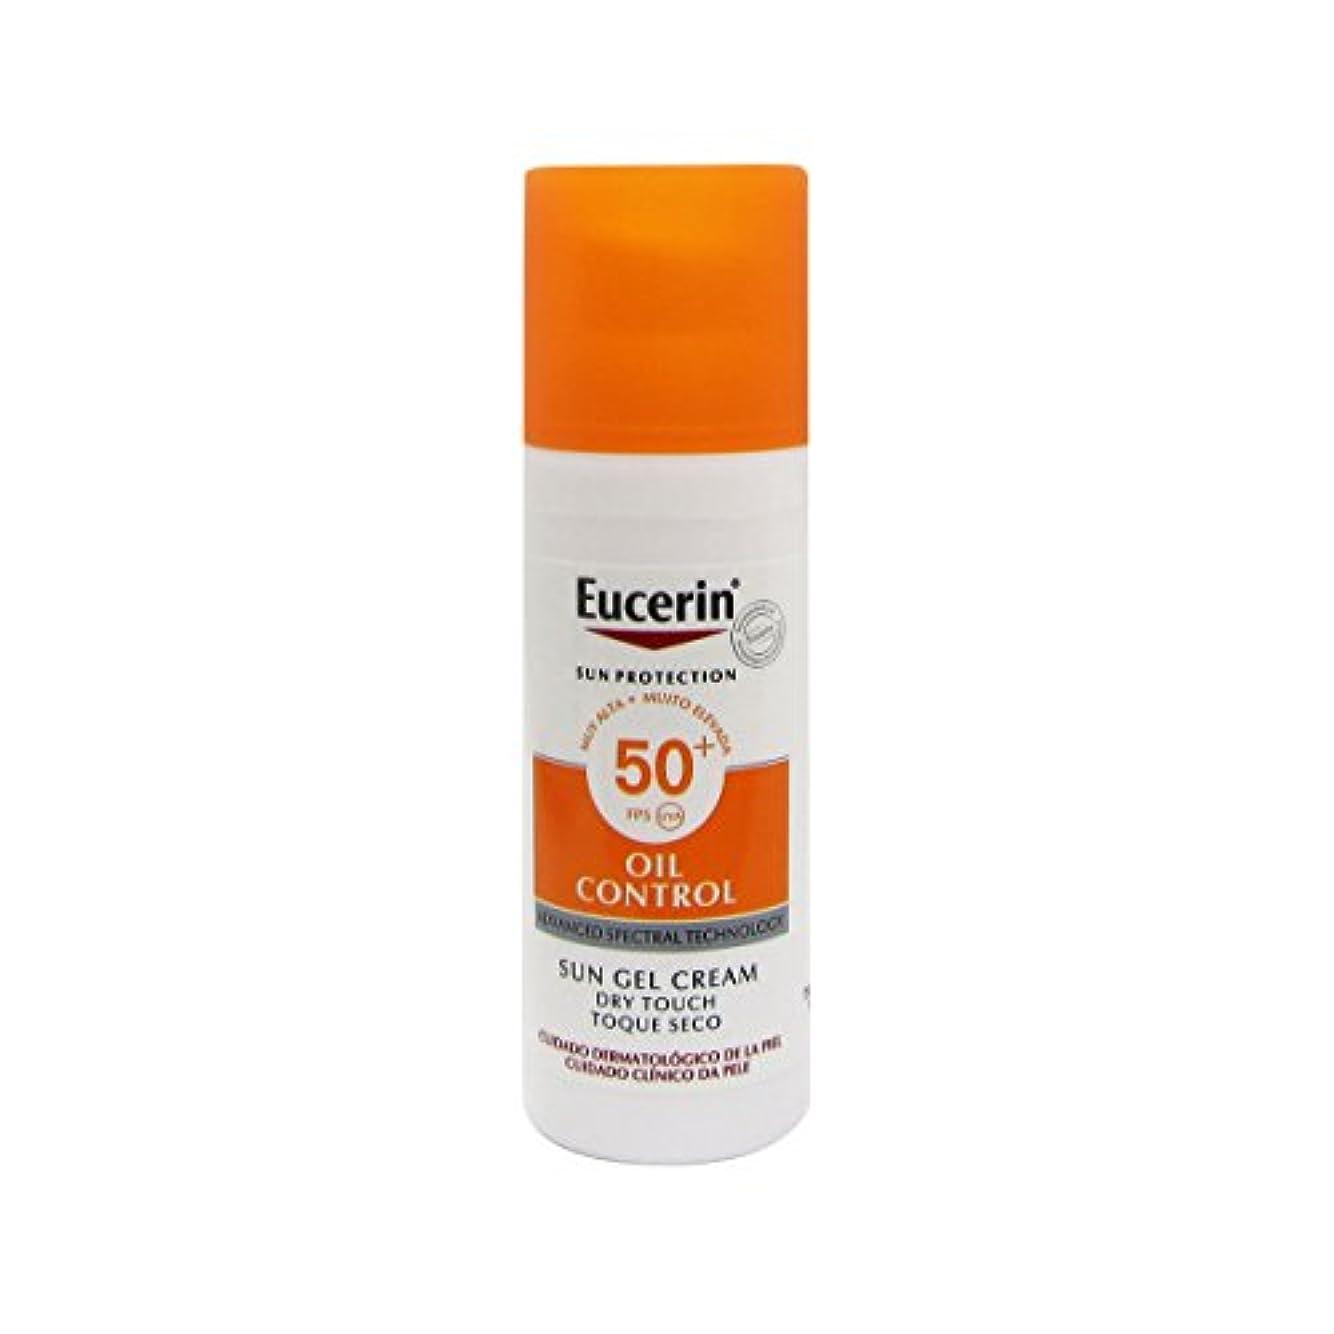 ようこそのれん比べるEucerin Sun Face Oil Control Gel-cream Spf50 50ml [並行輸入品]